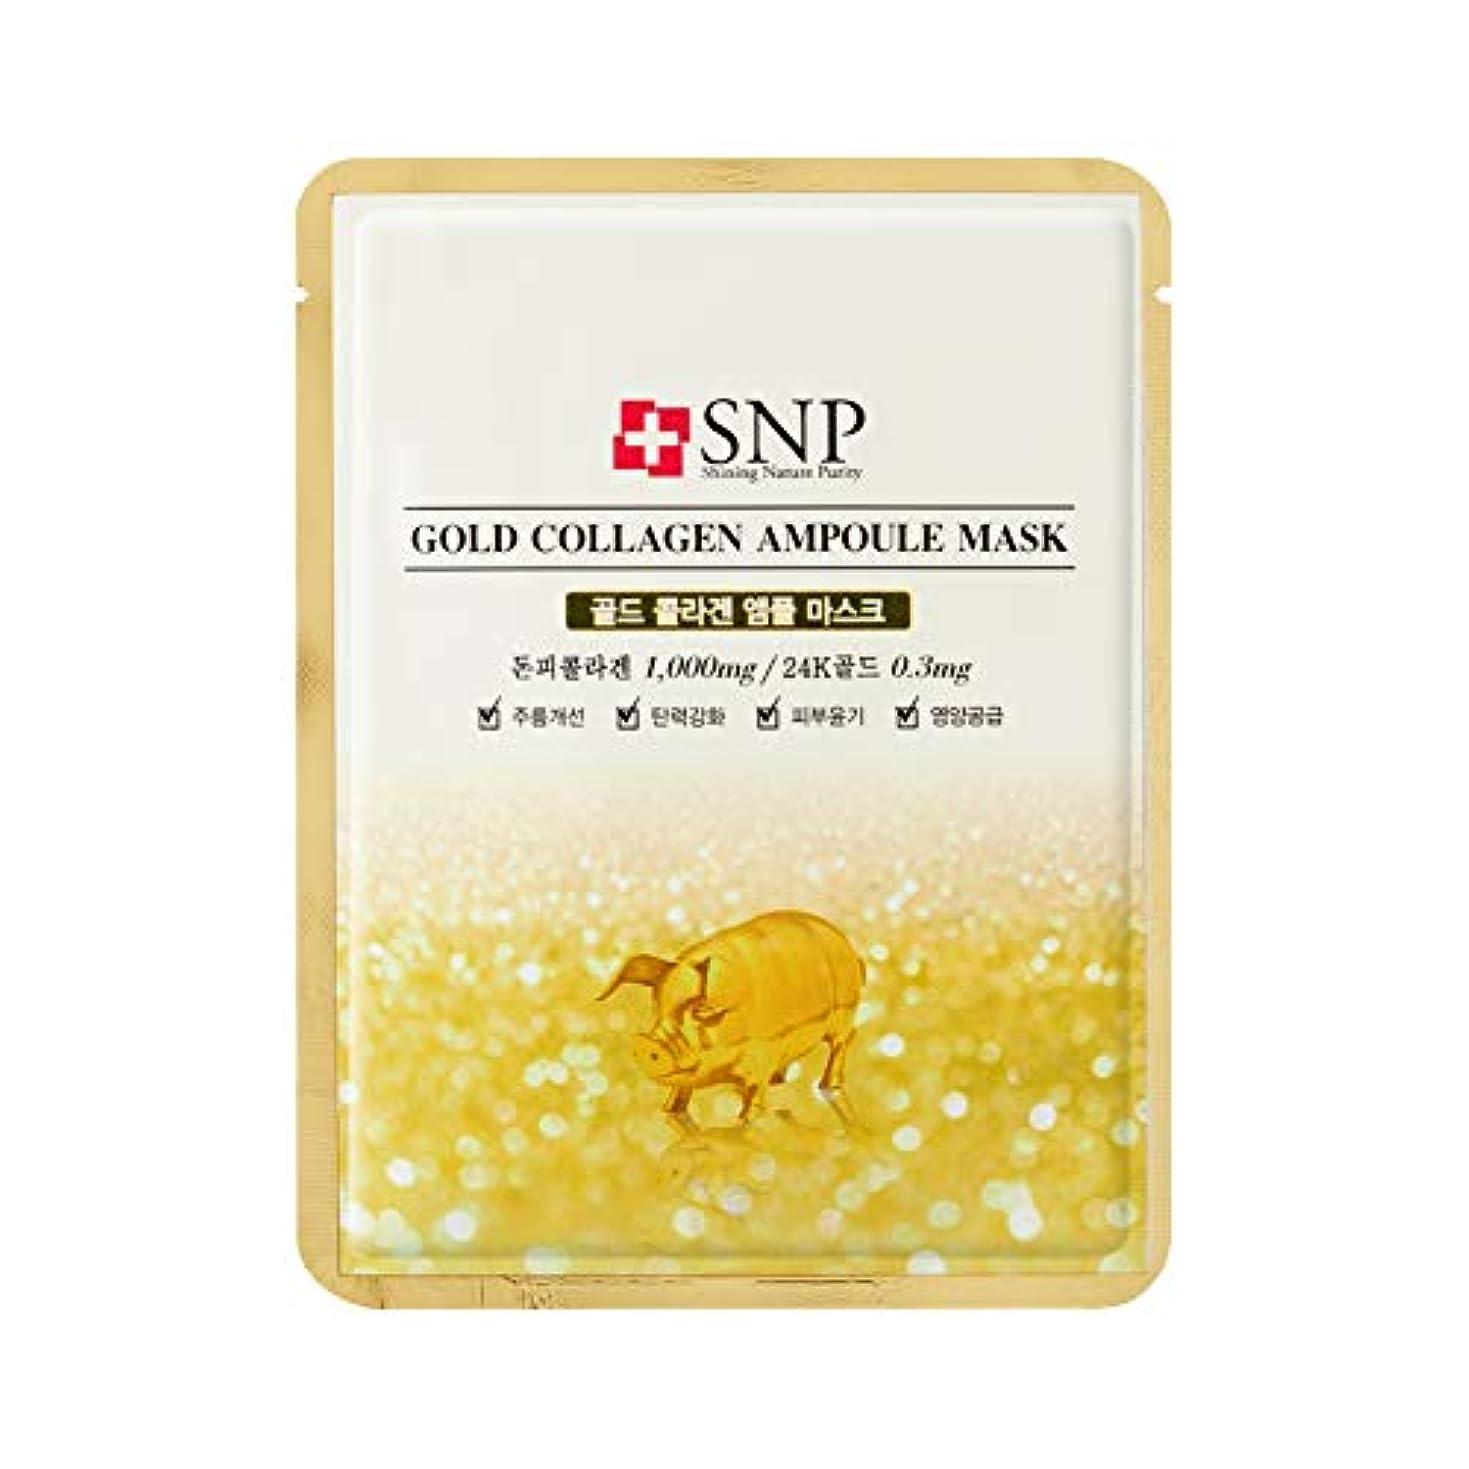 進化する失態呪い【SNP公式】ゴールドコラーゲンアンプルマスク10枚セット/Gold Collagen Ampoul Mask 25ml 韓国コスメ 韓国パック フェイスマスク マスクパック 保湿